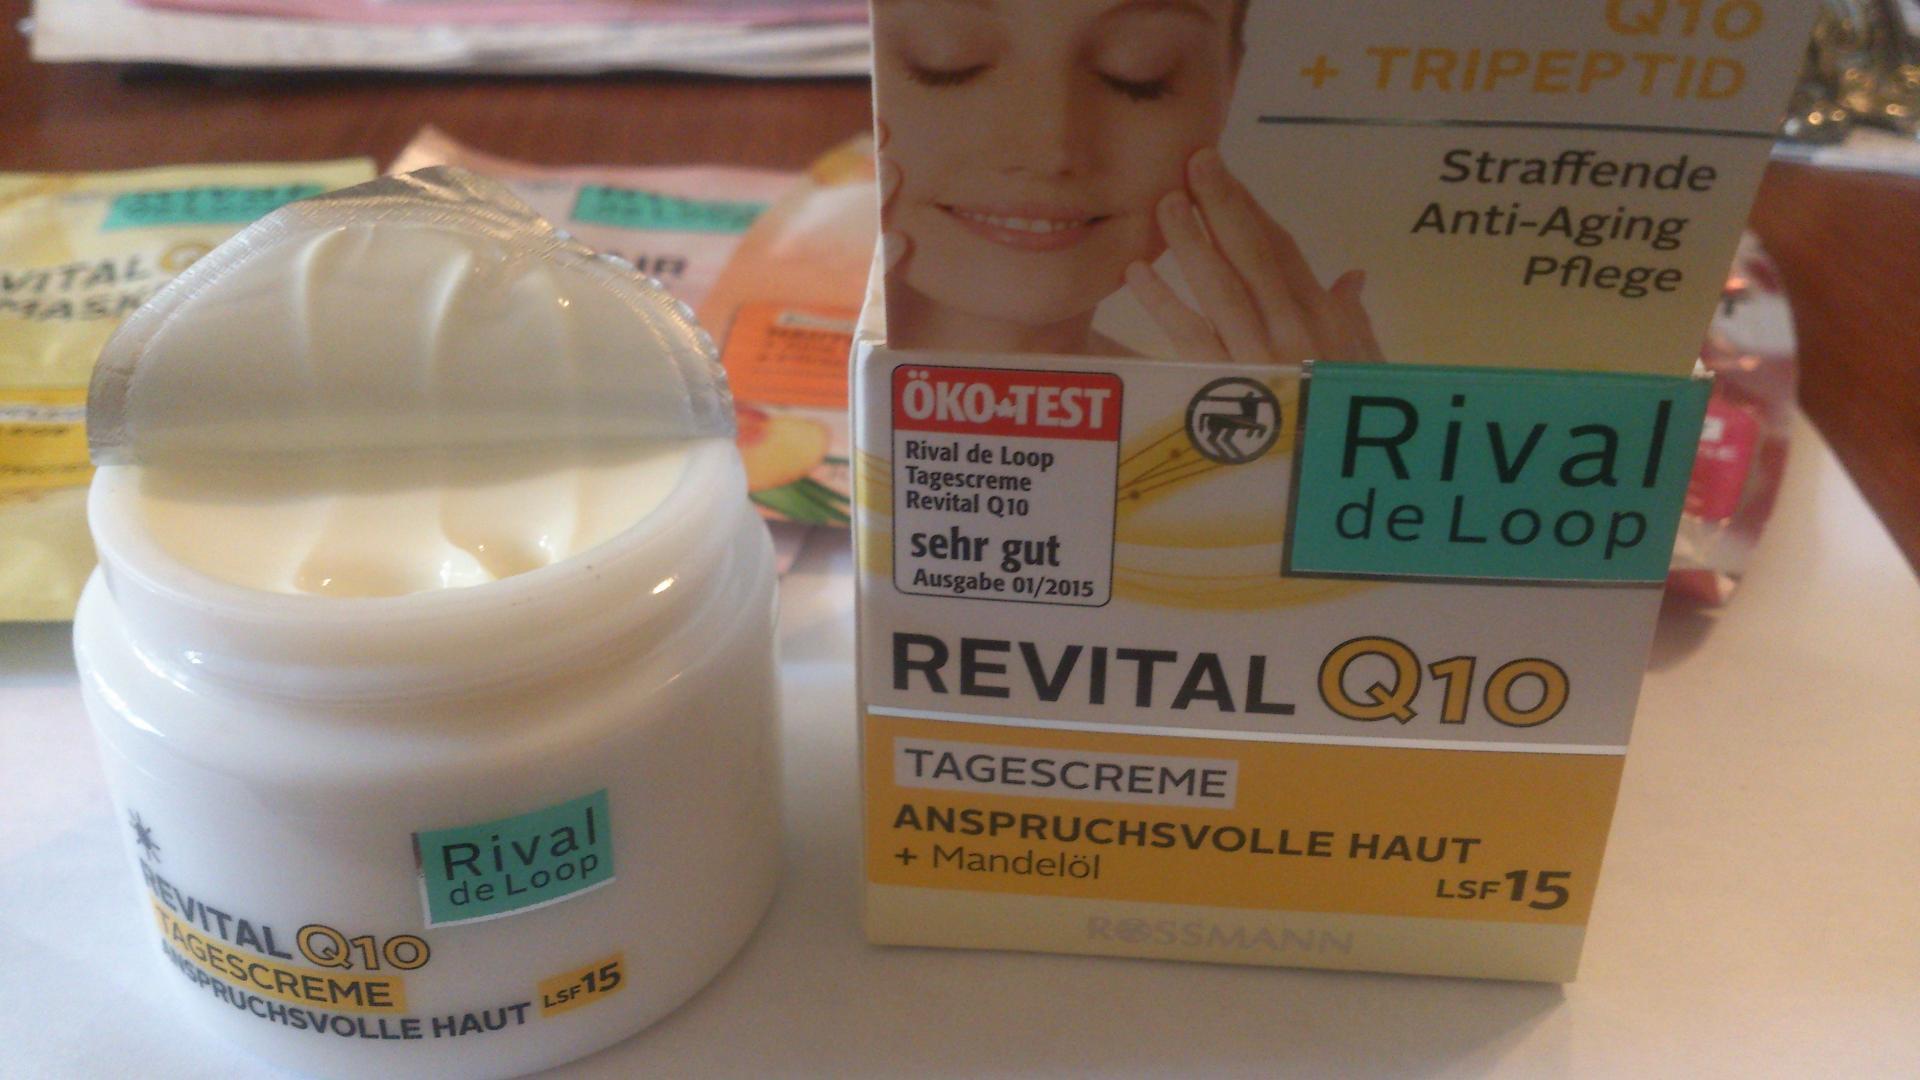 Отзыв на Rival de Loop Revital Q10 Ночной крем из Интернет-Магазина ROSSMANN